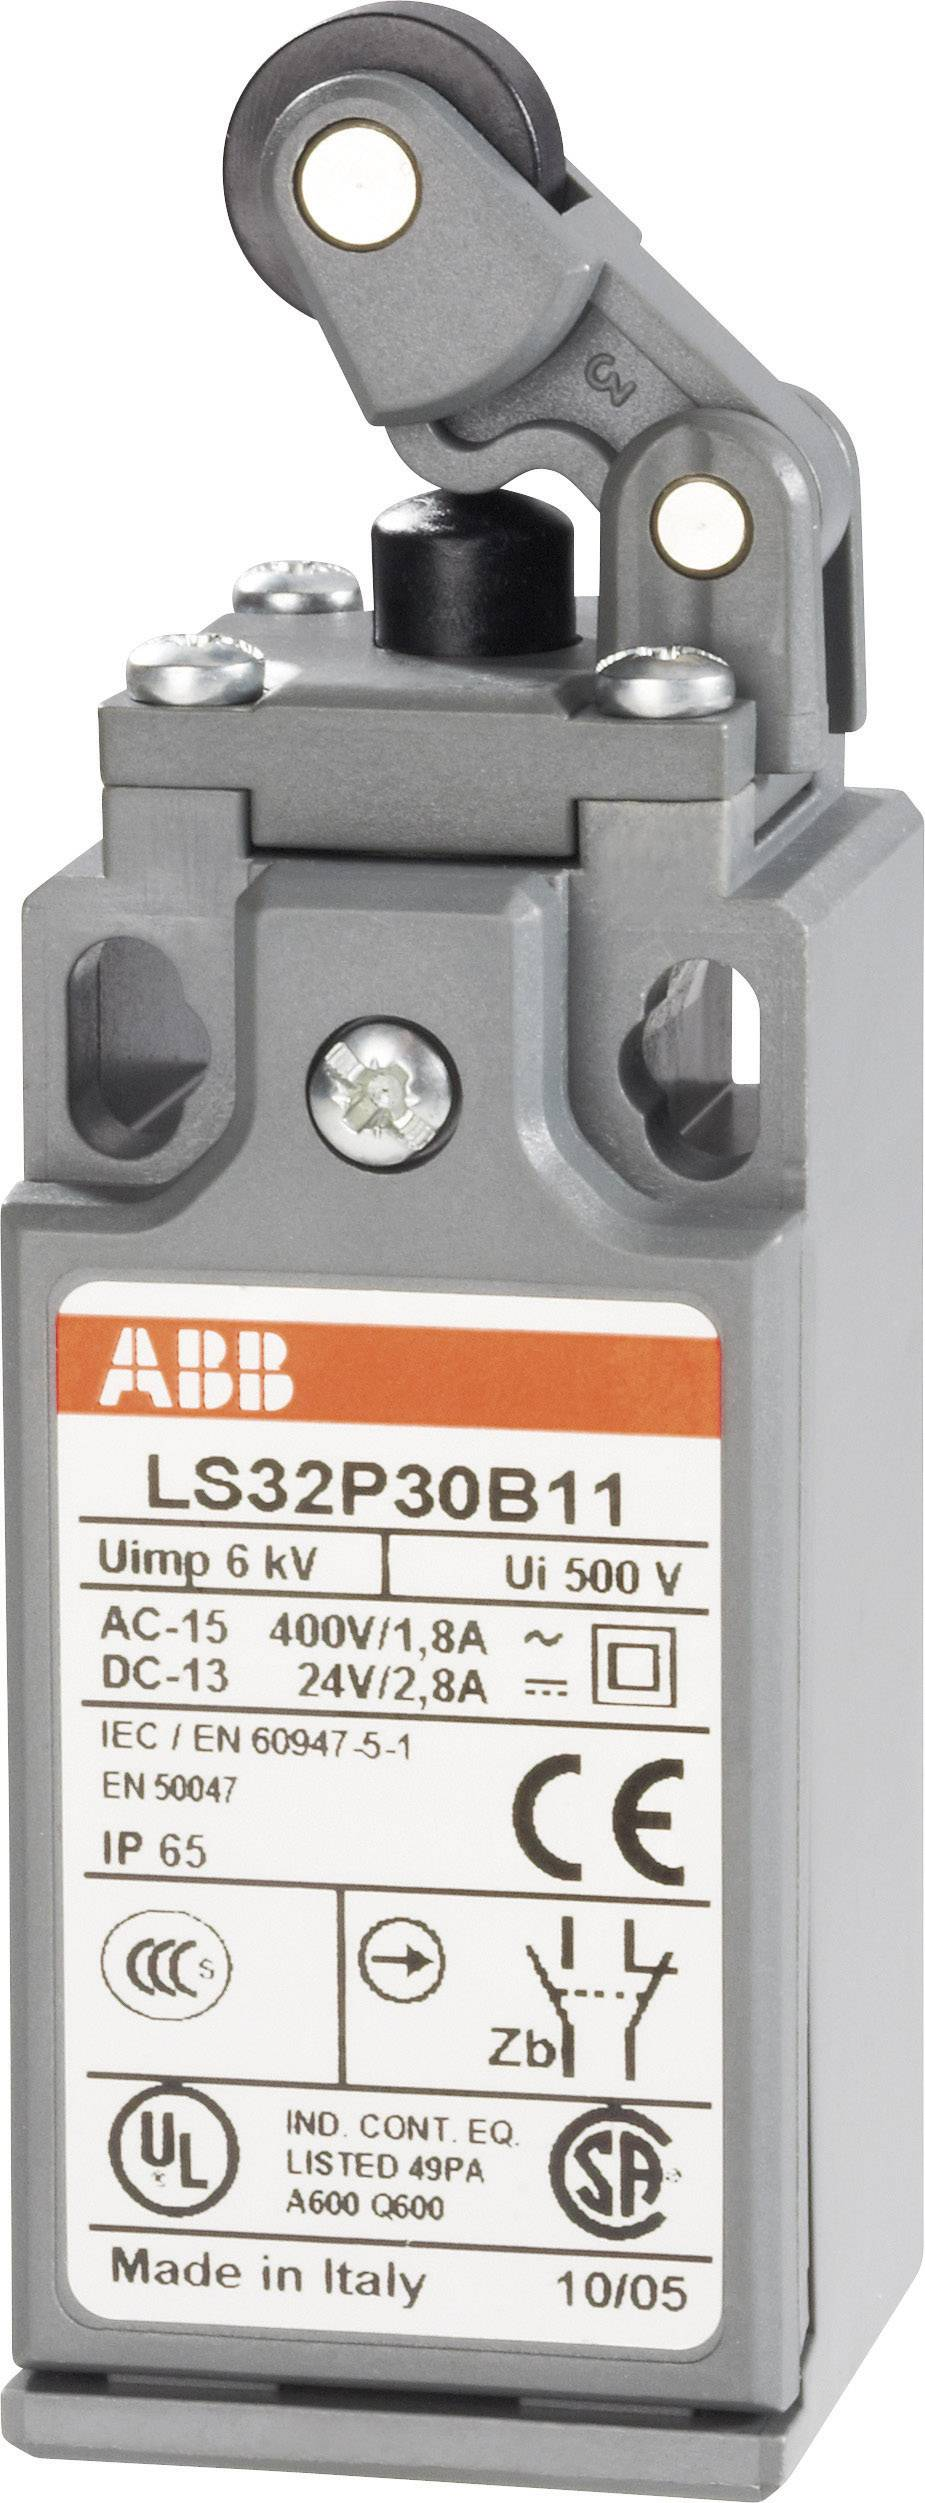 Koncový spínač ABB LS32P30B11, 400 V/AC, 1.8 A, páka s valčekom, bez aretácie, IP65, 1 ks